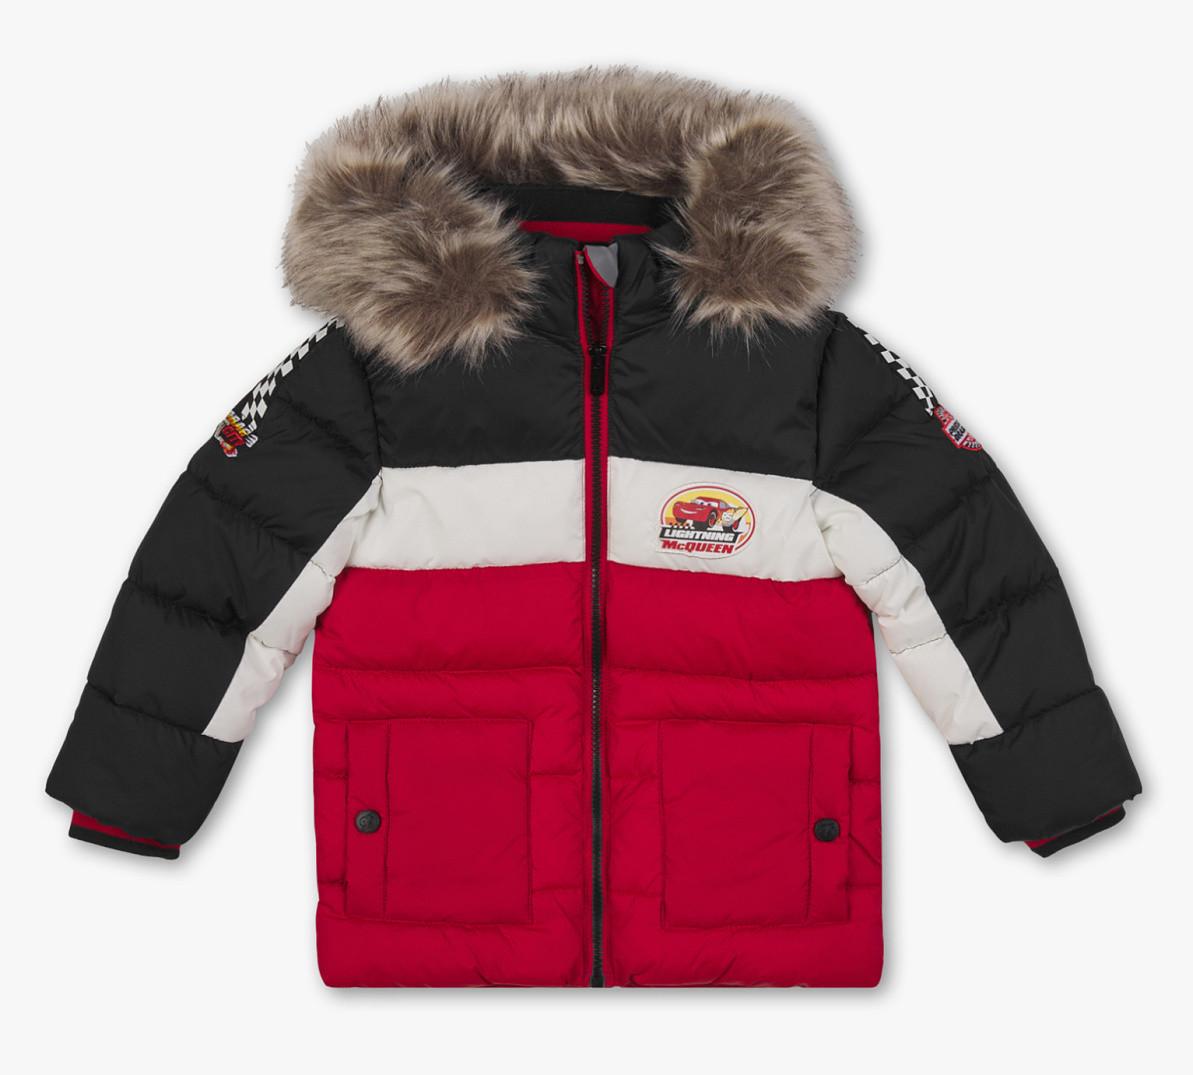 Куртка дитяча для хлопчика зима C&A Німеччина Розмір 110, 128